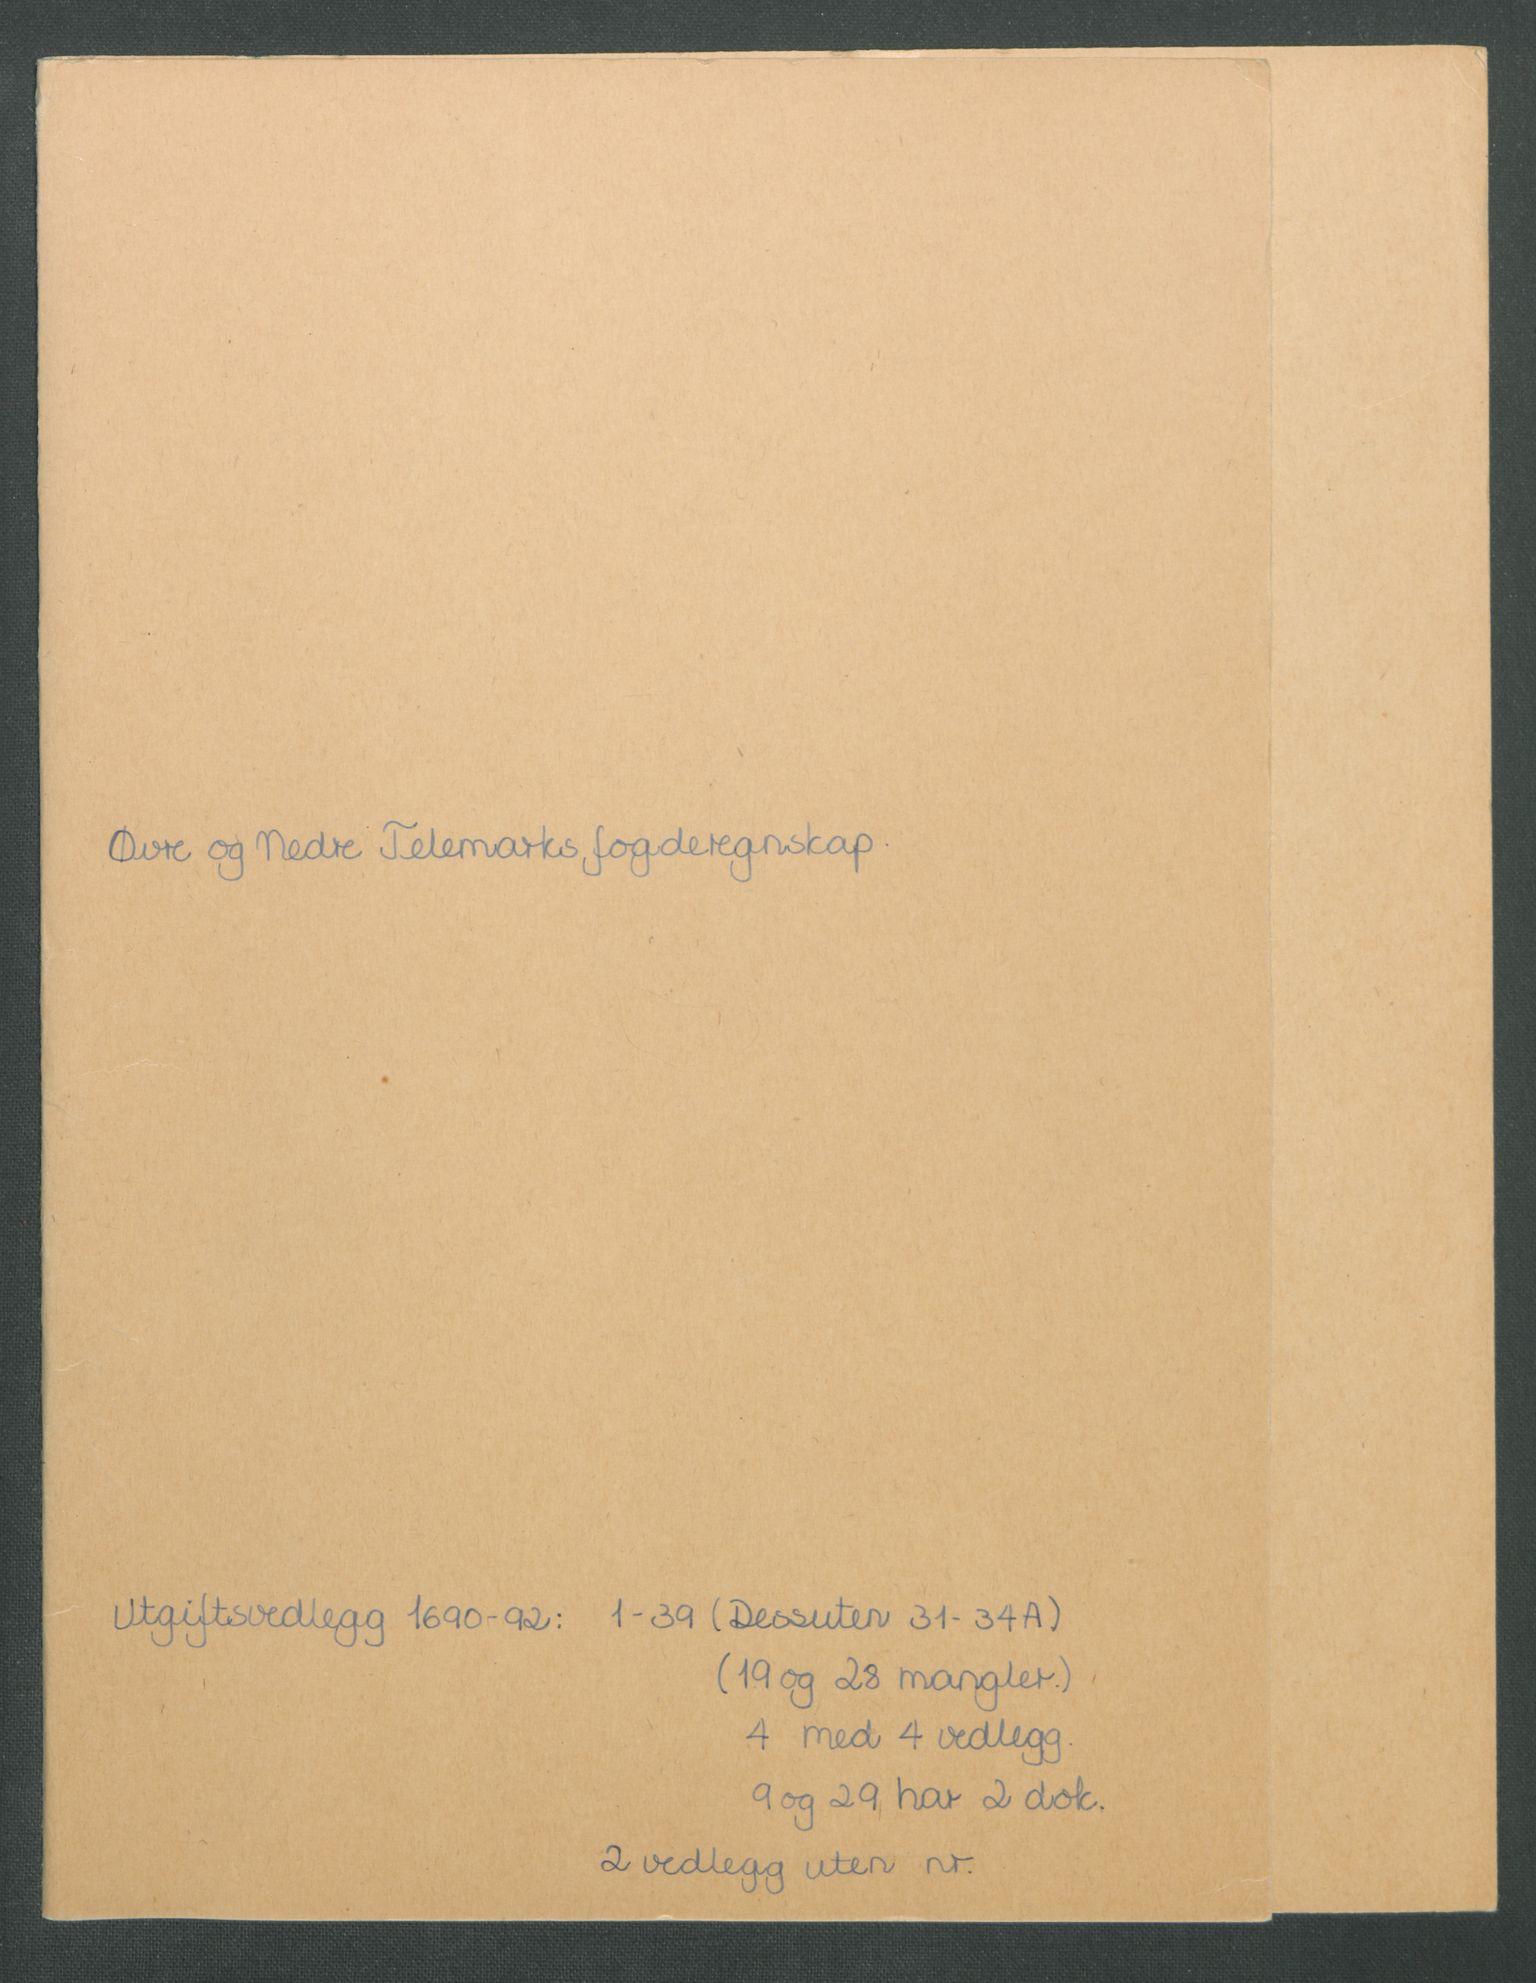 RA, Rentekammeret inntil 1814, Reviderte regnskaper, Fogderegnskap, R35/L2091: Fogderegnskap Øvre og Nedre Telemark, 1690-1693, s. 2